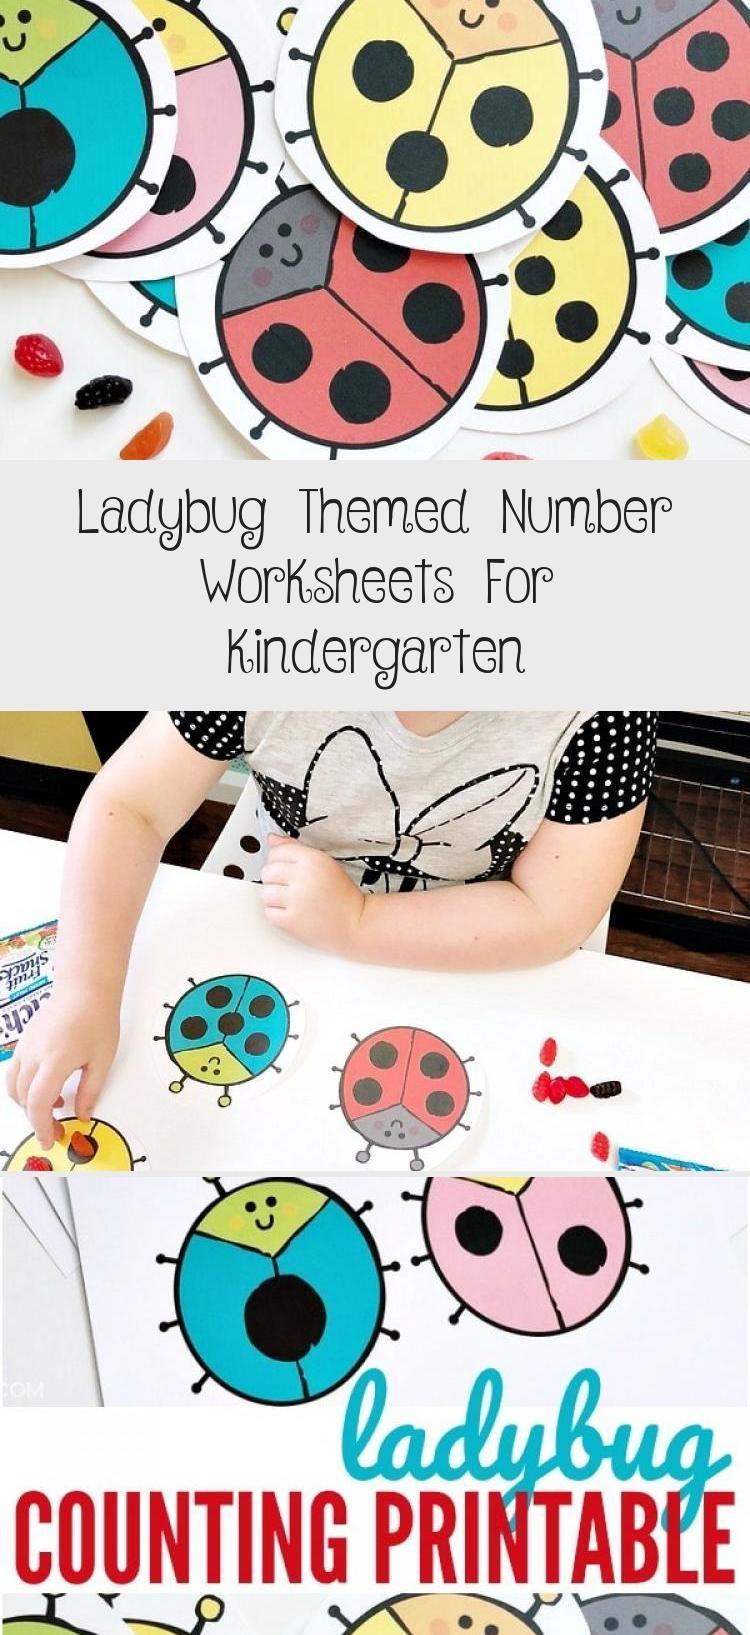 Ladybug Themed Number Worksheets For Kindergarten In 2020 Kindergarten Worksheets Kindergarten Toy Kindergarten [ 1635 x 750 Pixel ]